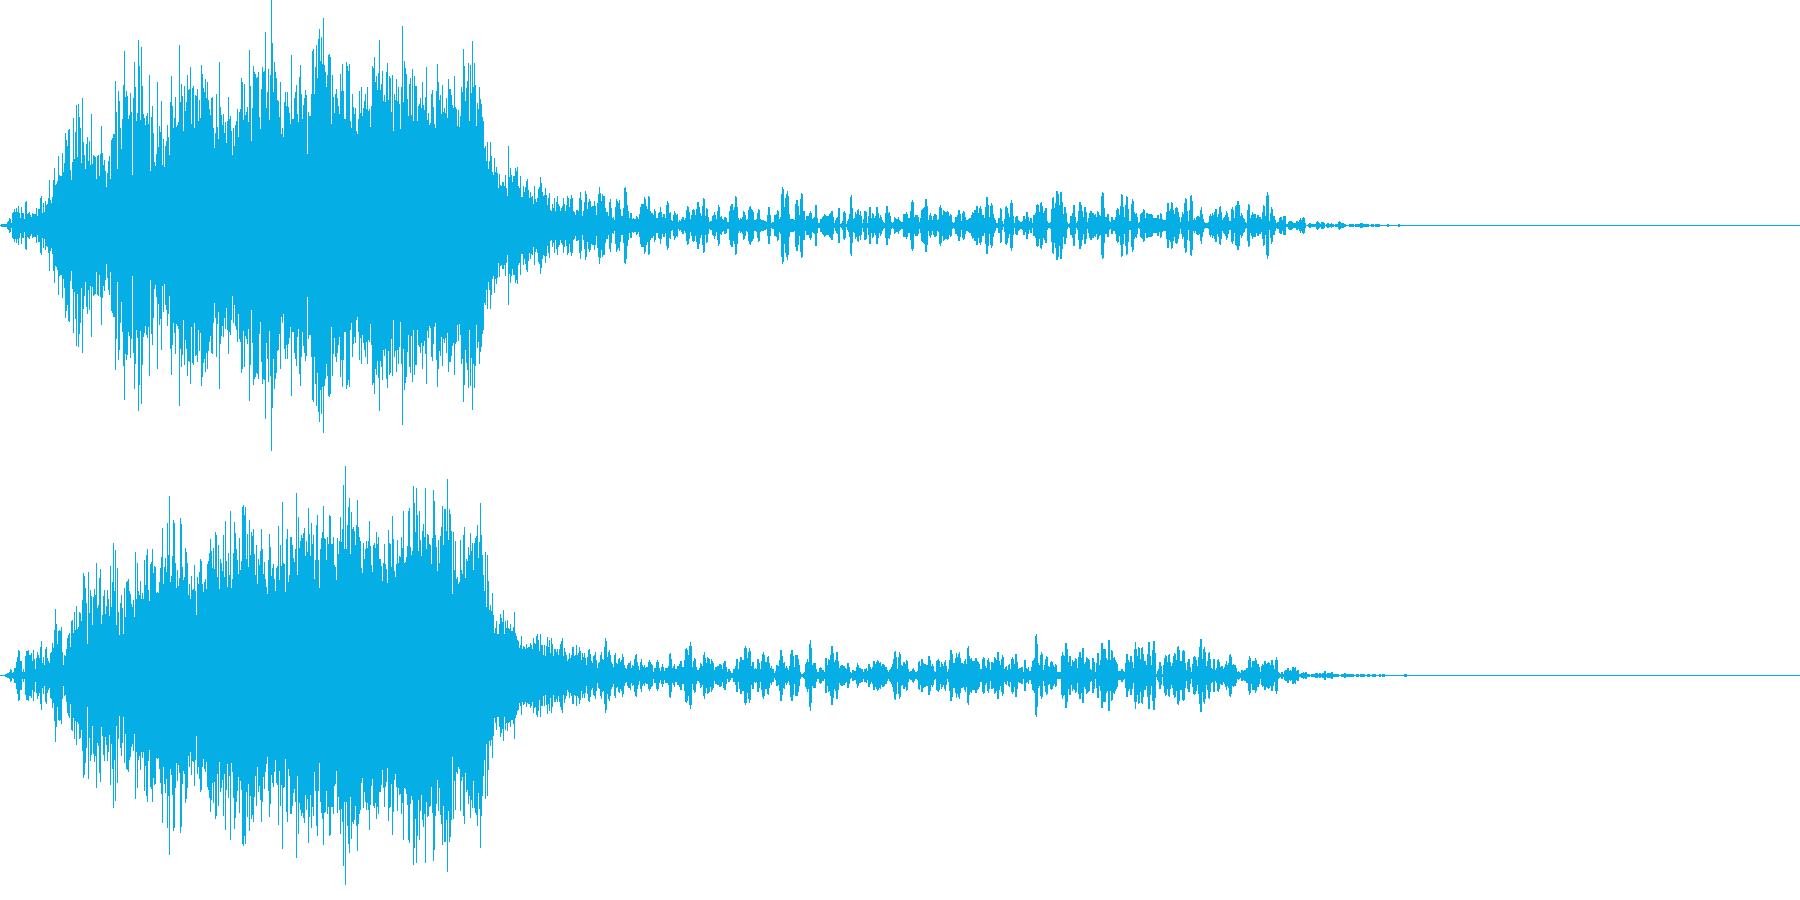 ホラー ハリウッド映画系上昇音 の再生済みの波形